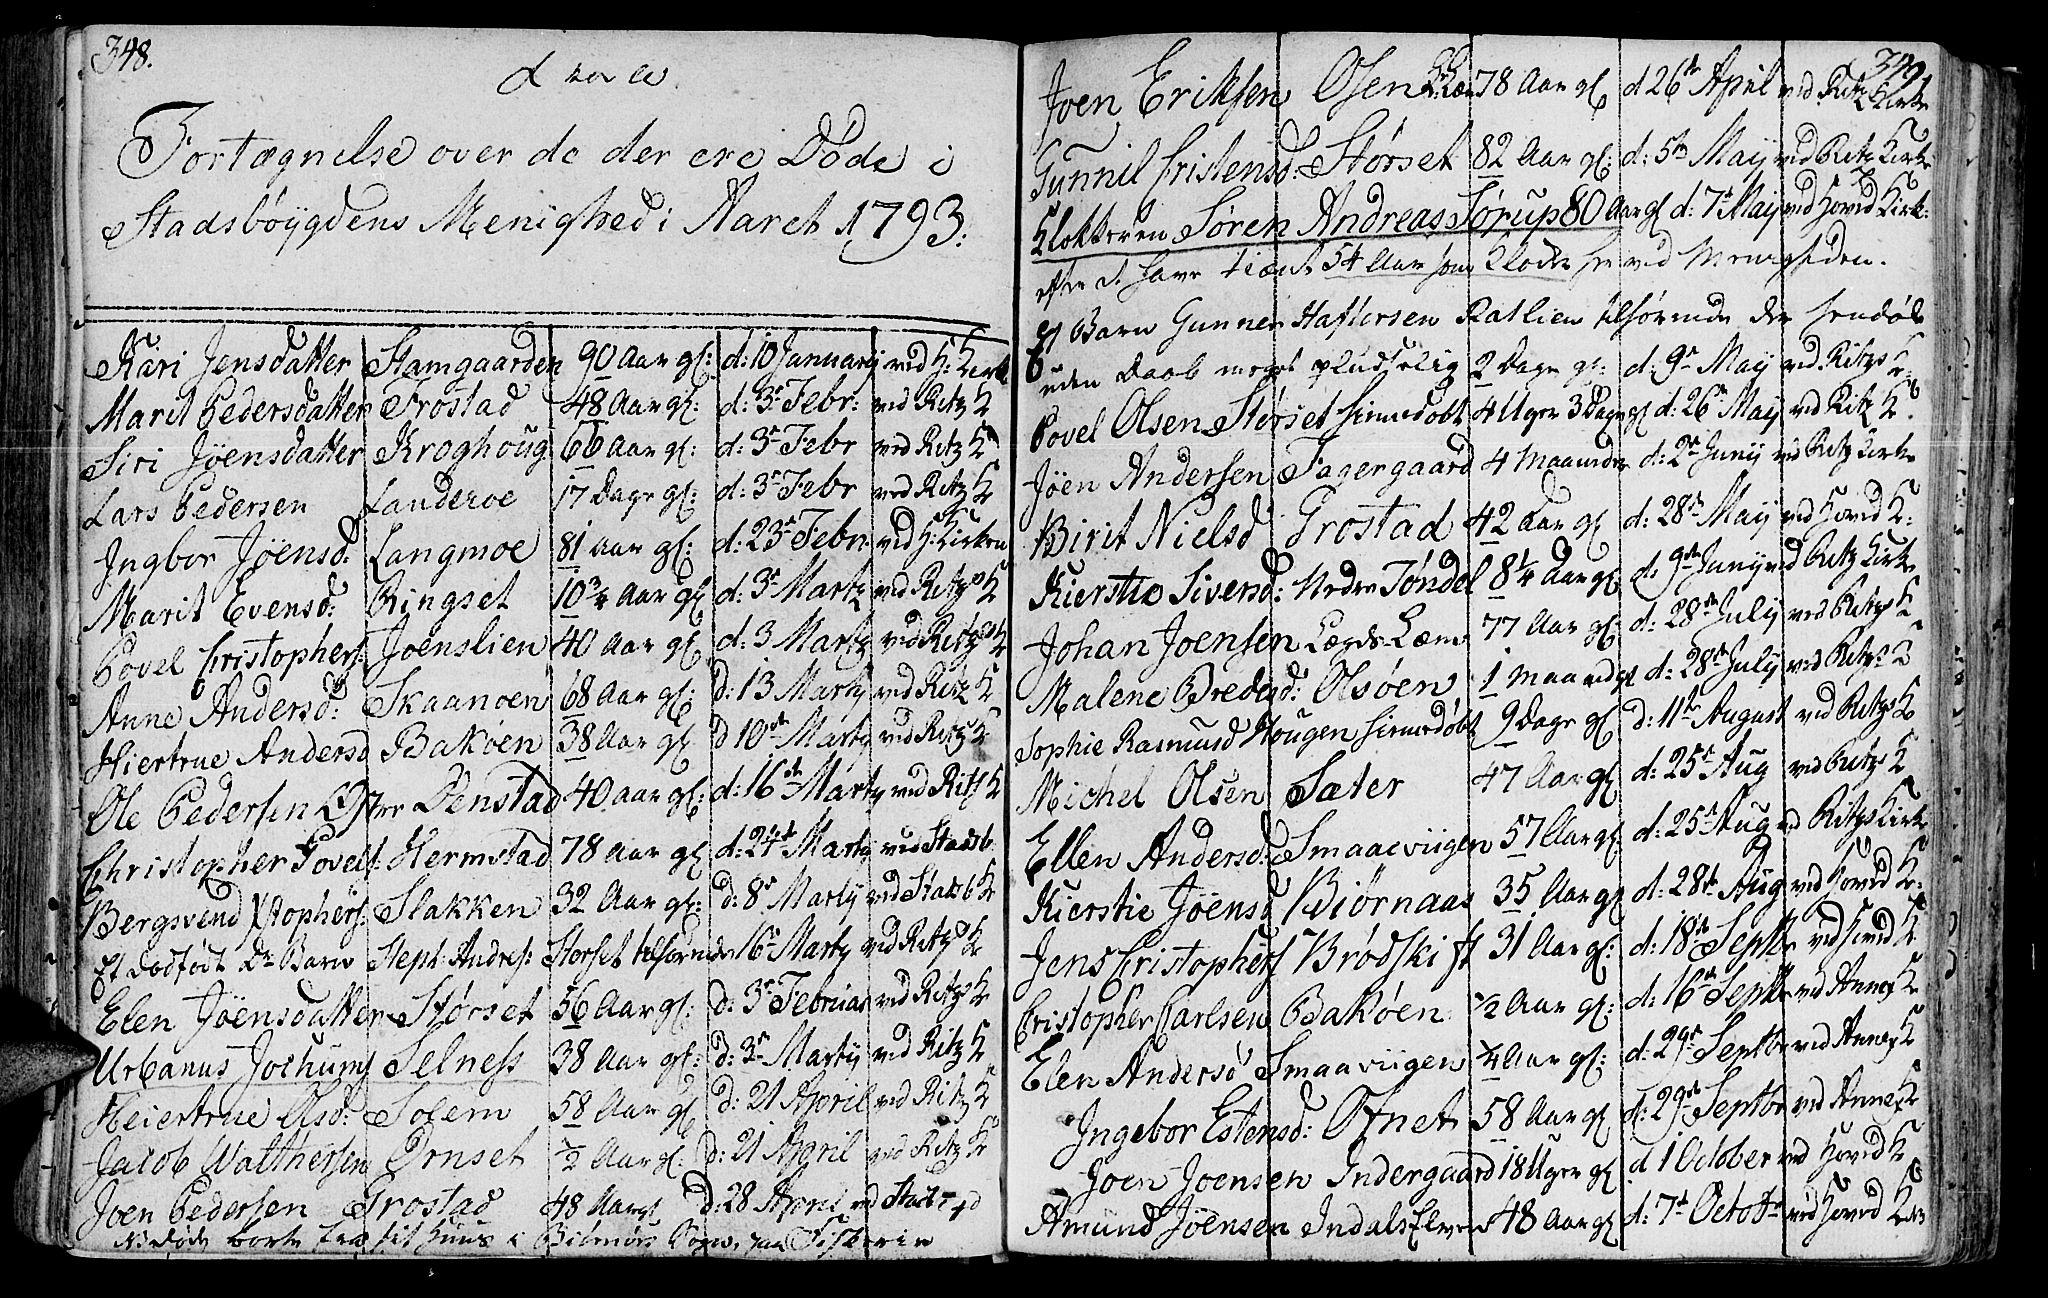 SAT, Ministerialprotokoller, klokkerbøker og fødselsregistre - Sør-Trøndelag, 646/L0606: Ministerialbok nr. 646A04, 1791-1805, s. 348-349